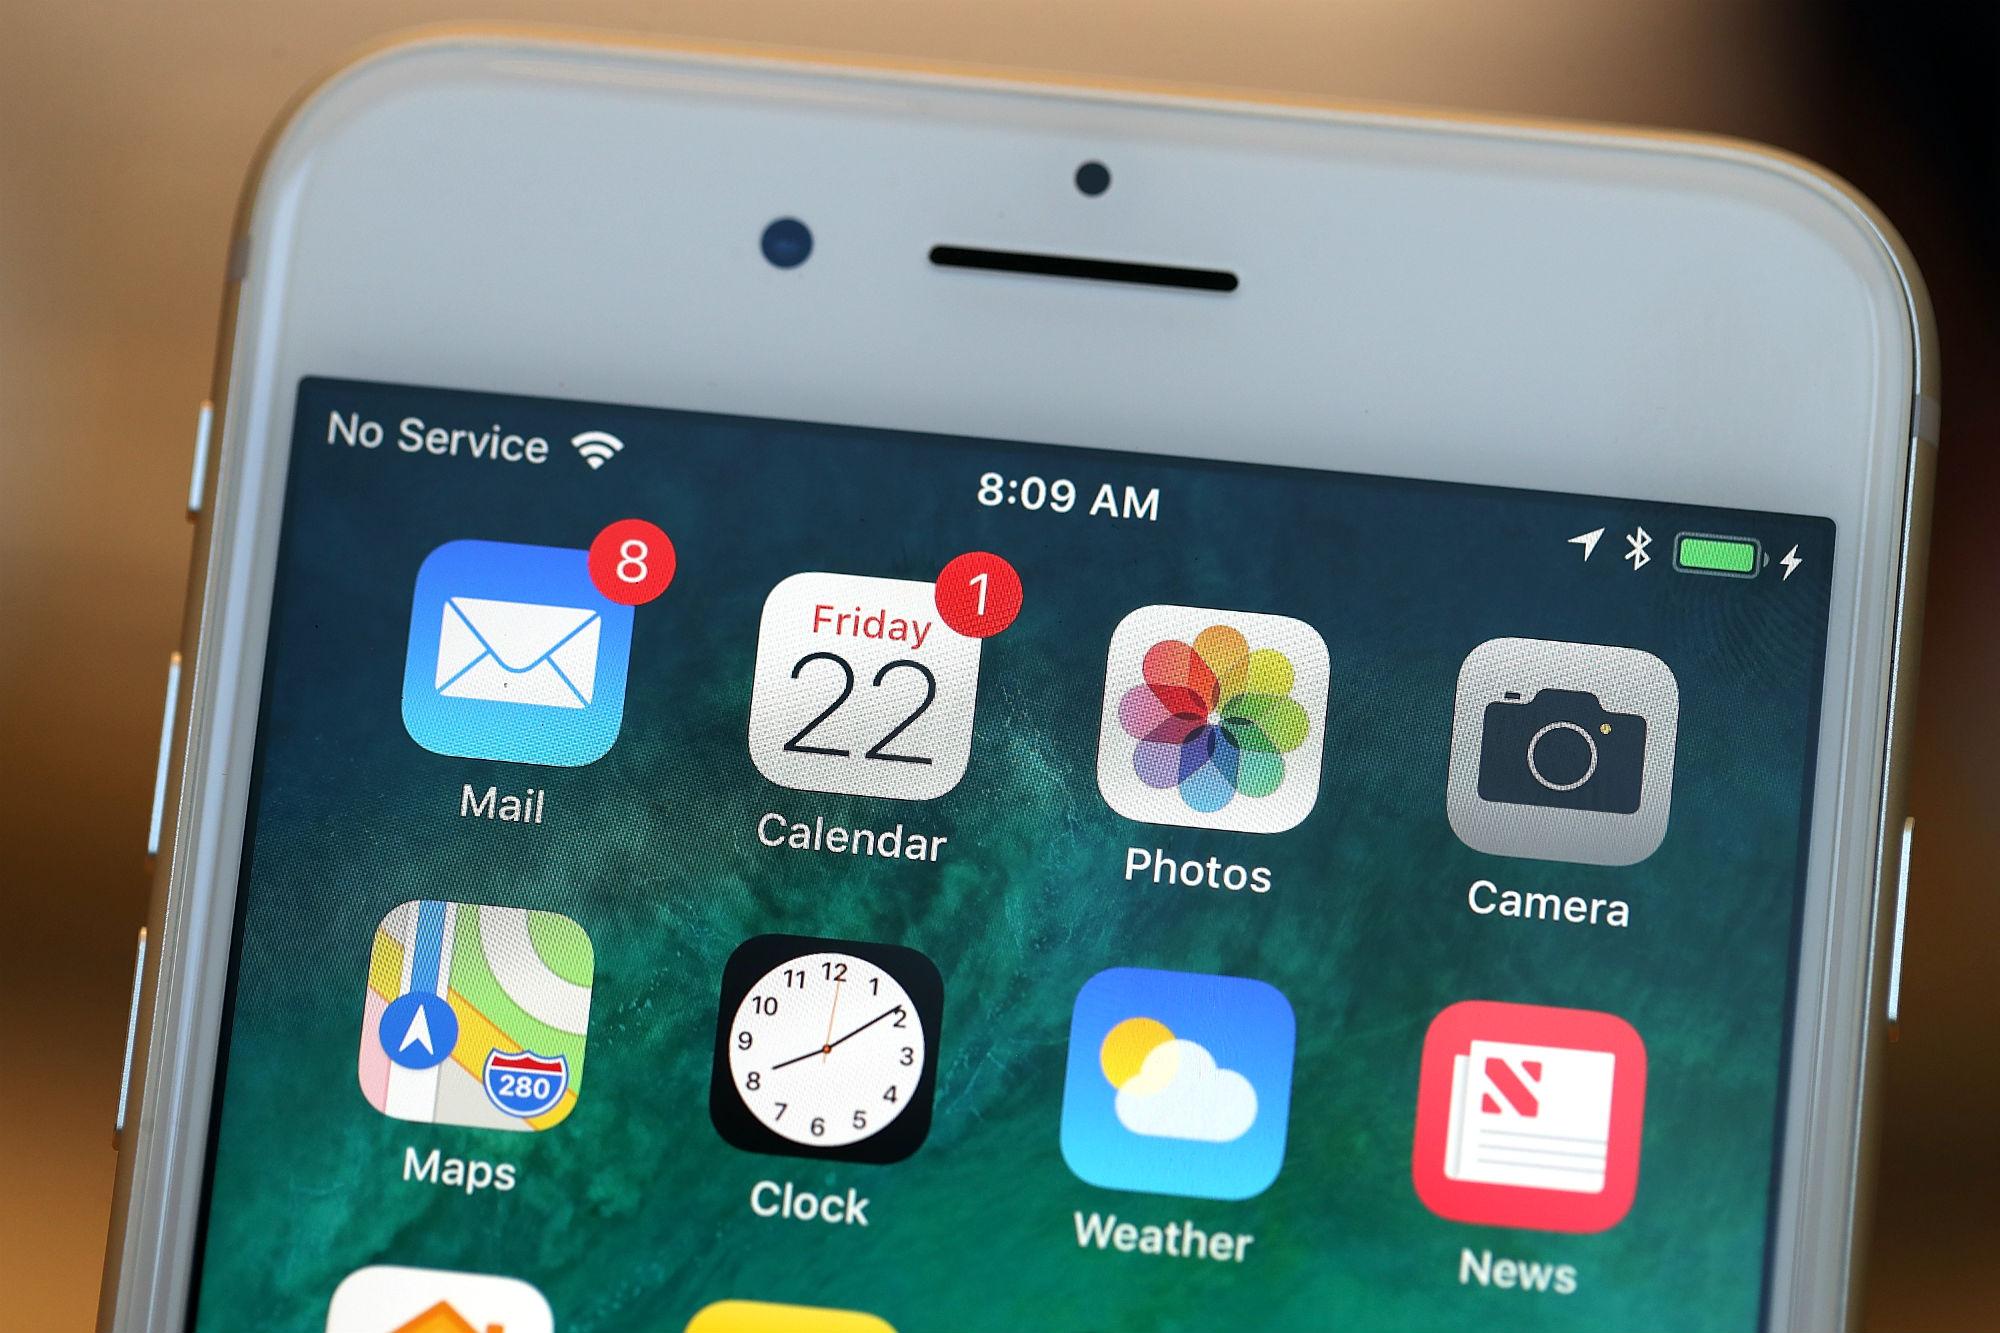 تعمیر مشکل Searching آنتن دهی در آیفون 6 |گارانتی اپل